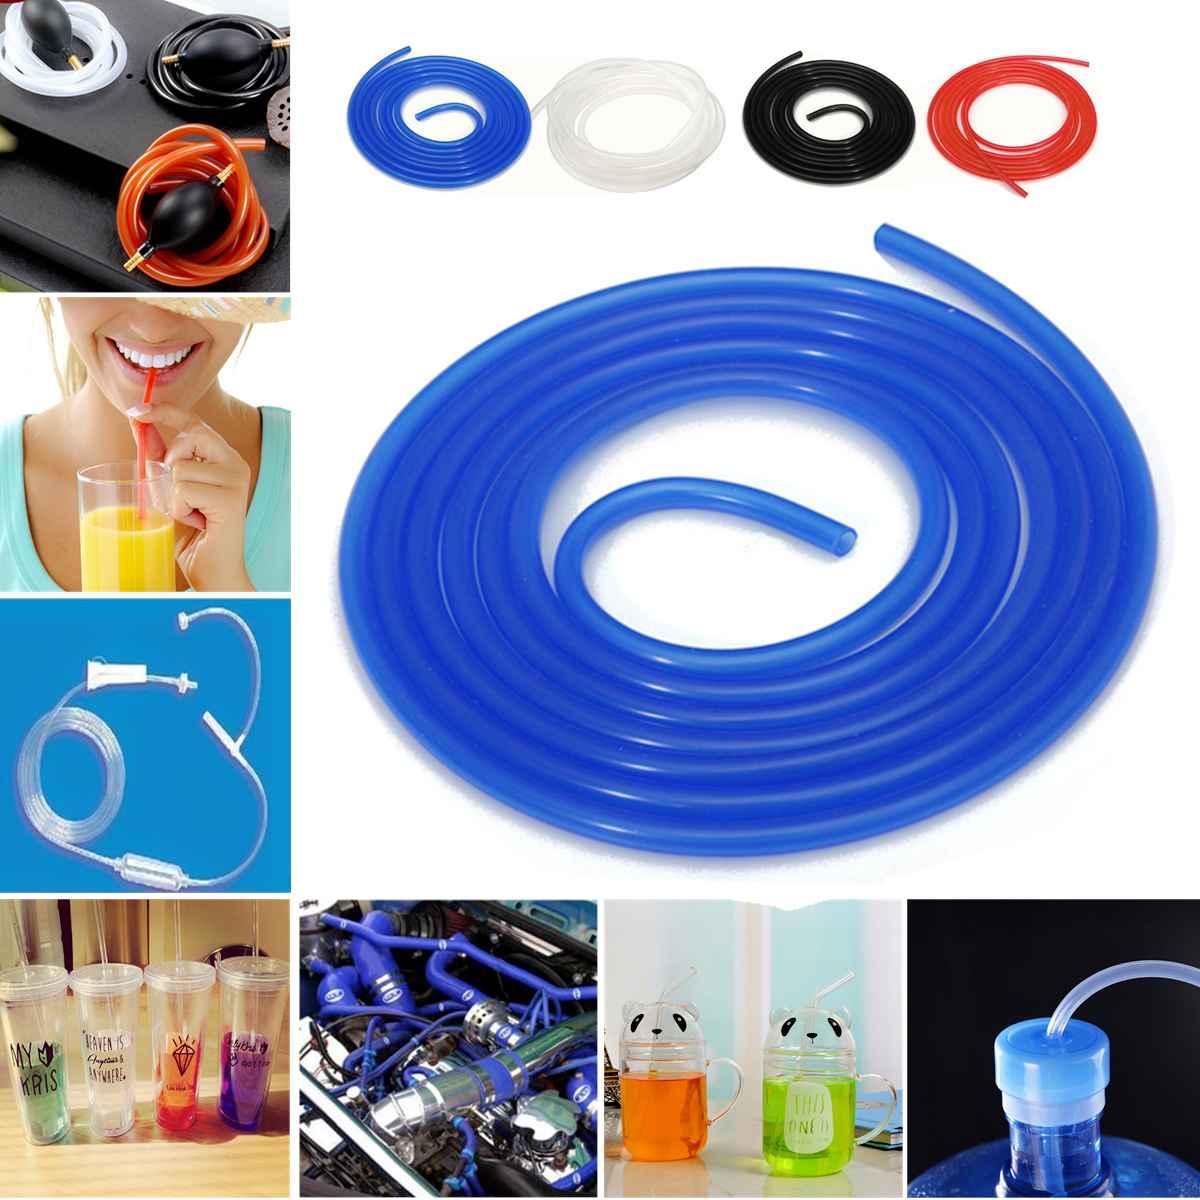 3-10mm Car Full Silicone Fuel/Air Vacuum Auto Hose/Line/Pipe/Tube 3 Meter Turbo Dump Radiator Rubber